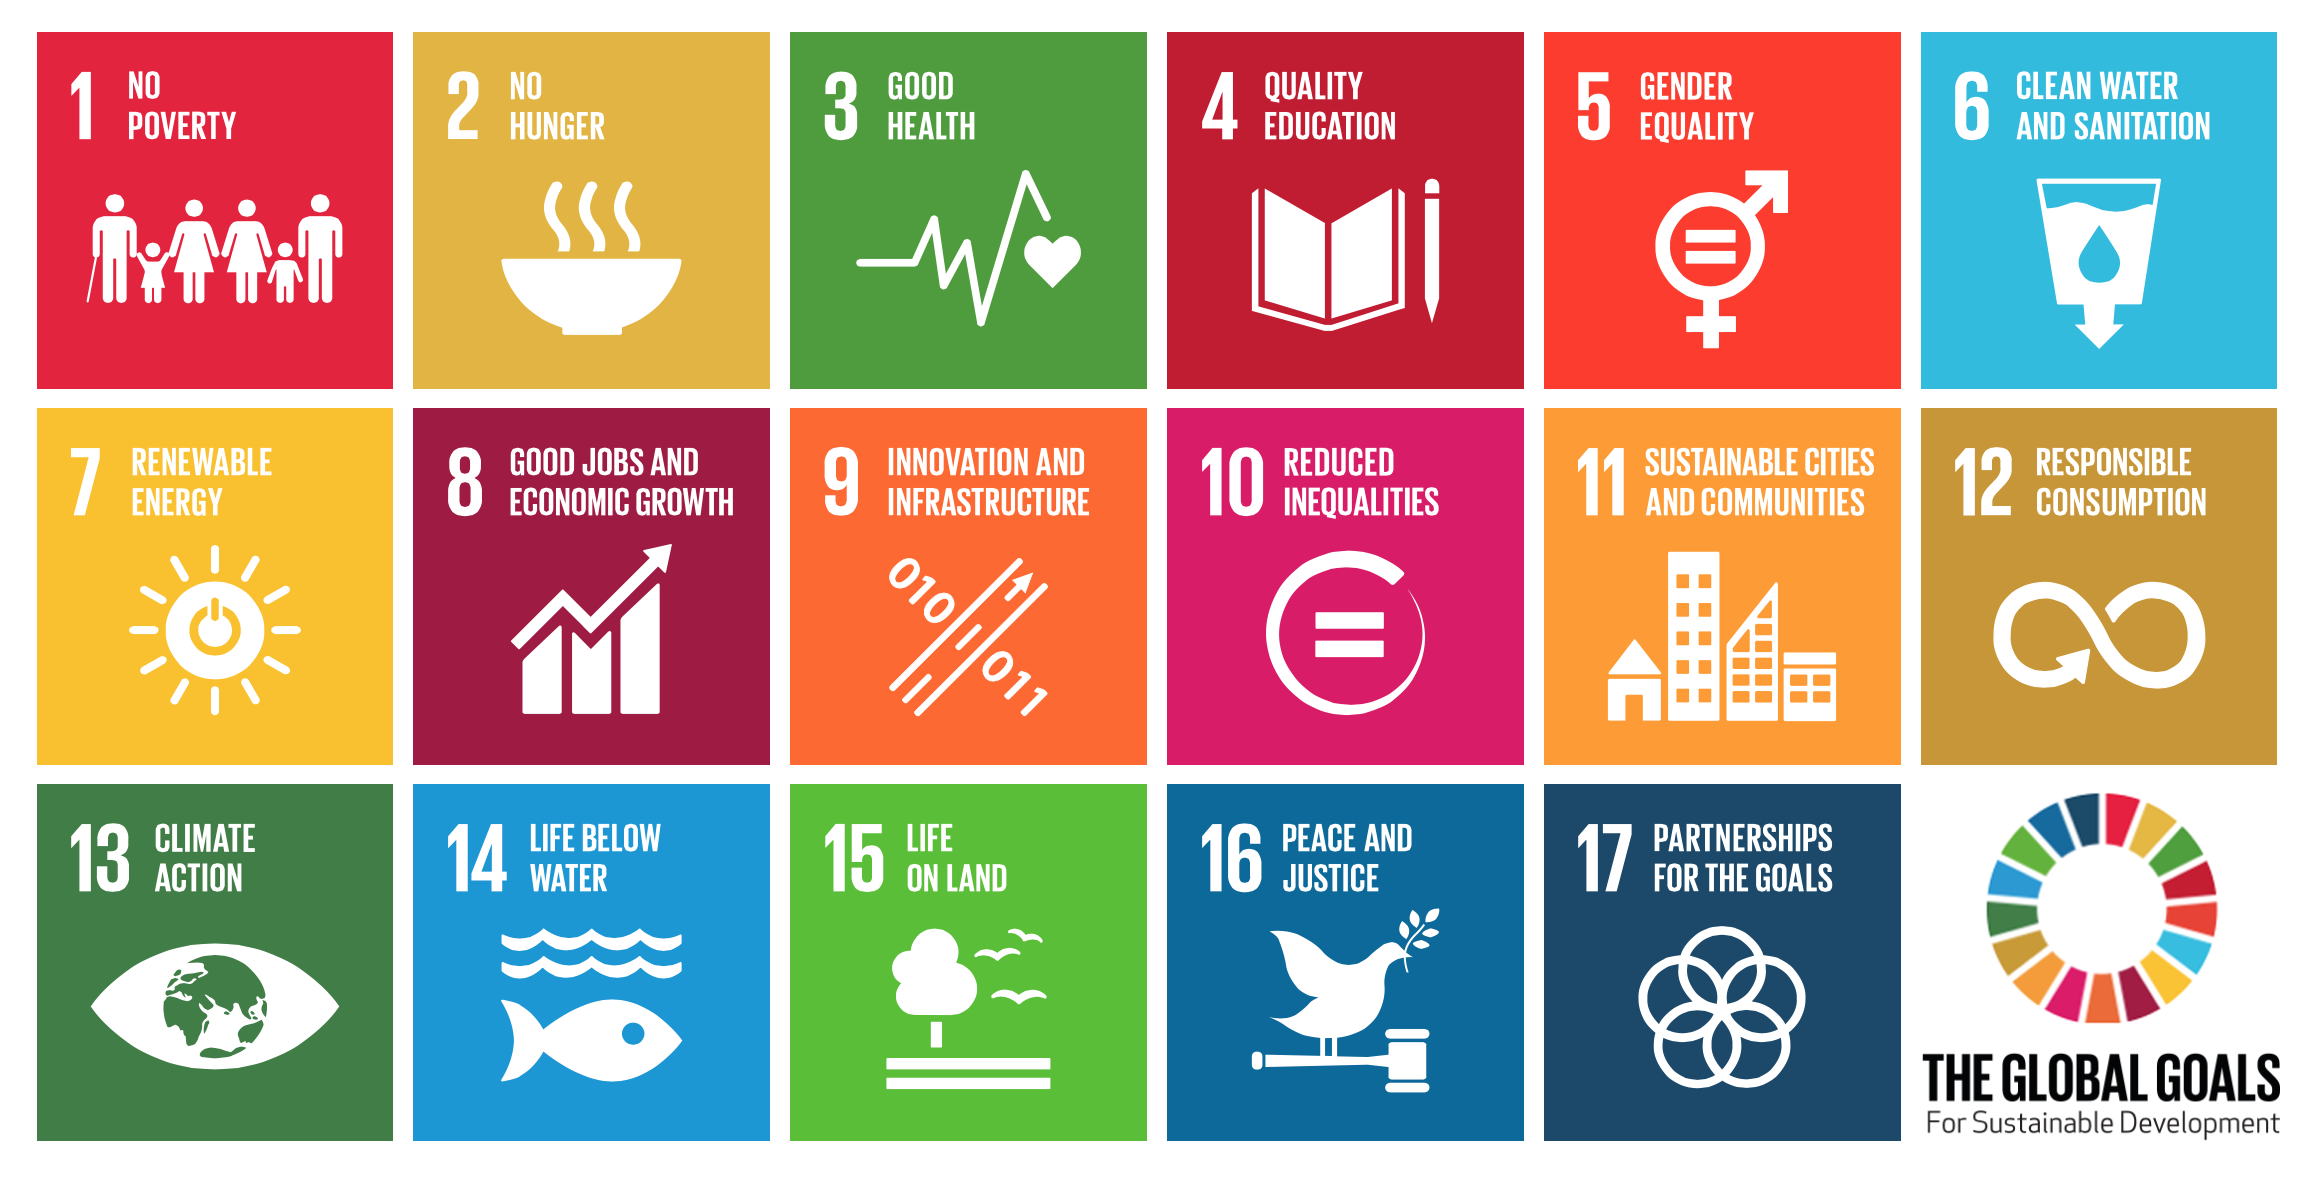 Global-Goals_SDGs.png